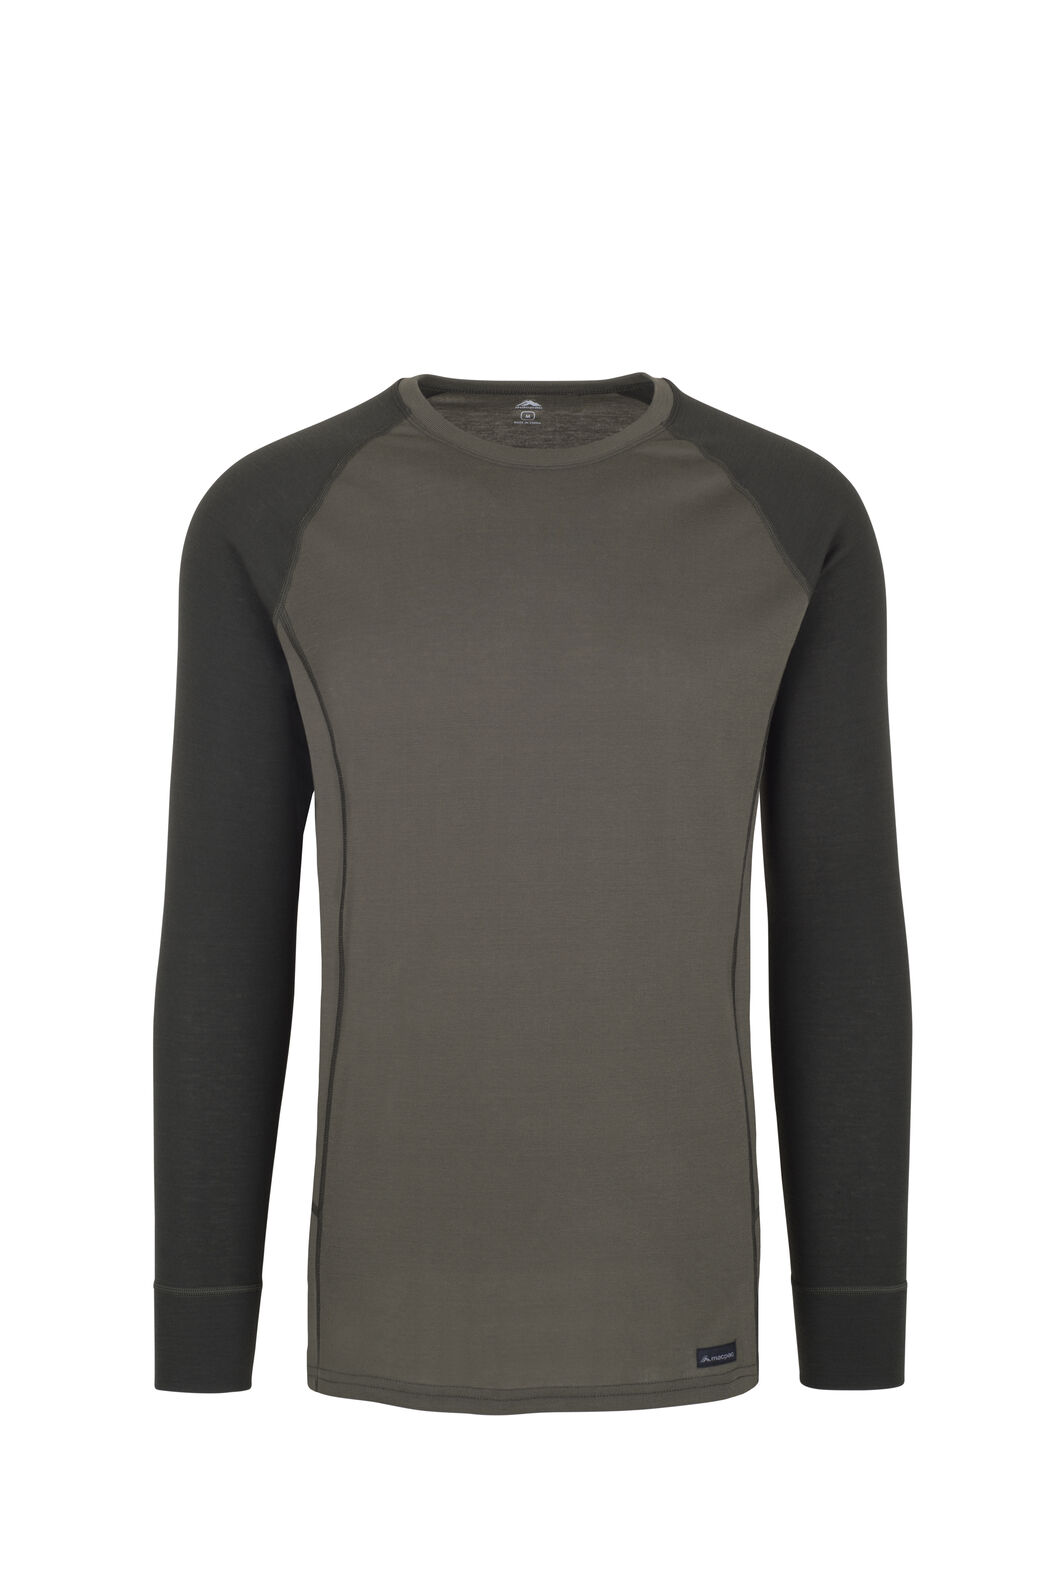 Macpac Geothermal Long Sleeve Top - Men's, Grape Leaf/Peat, hi-res